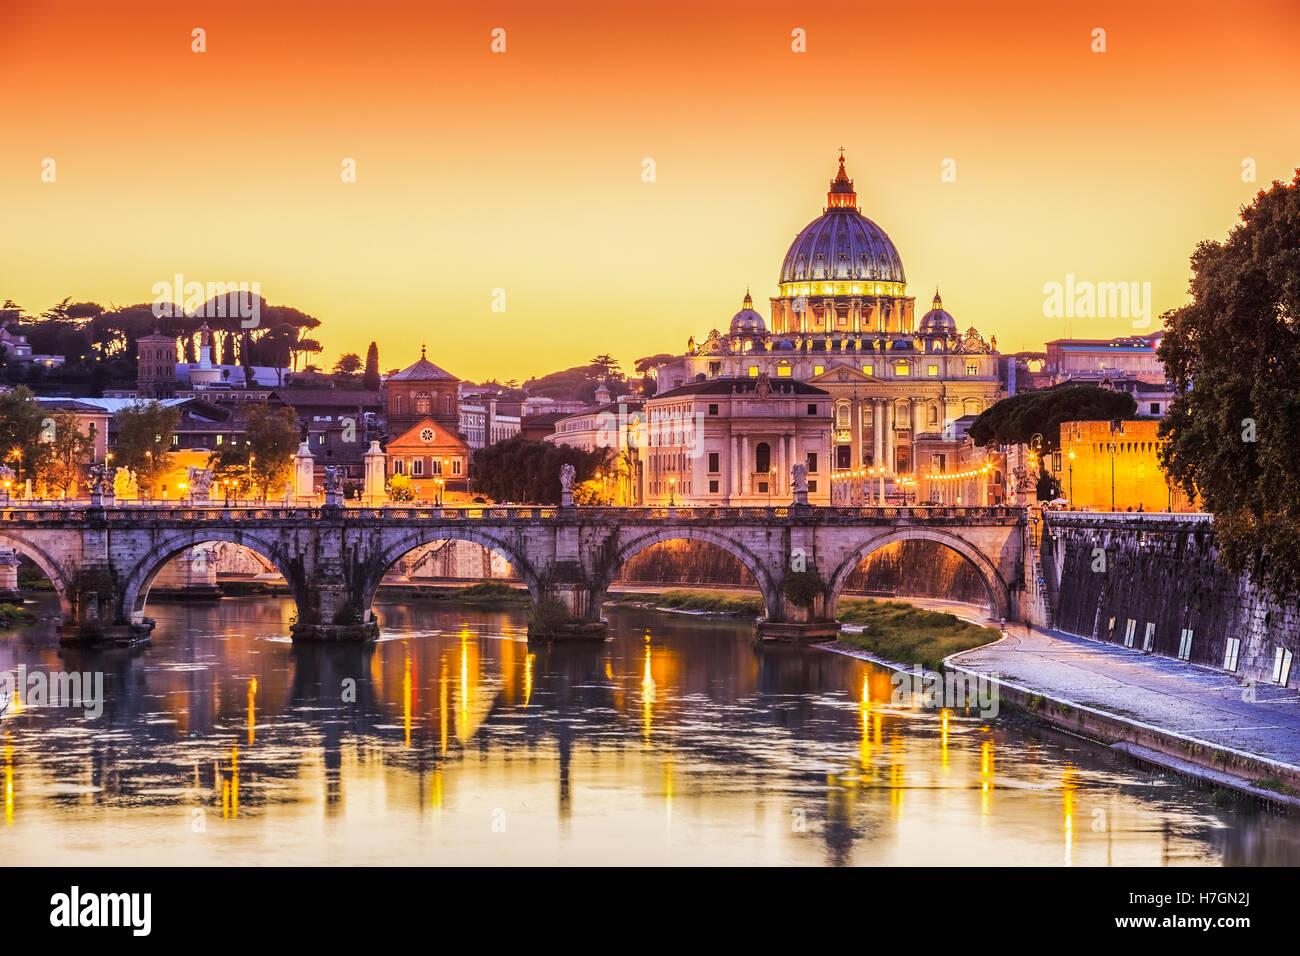 San Pietro Basilica e il Ponte Sant'Angelo al tramonto. Roma, Italia Immagini Stock